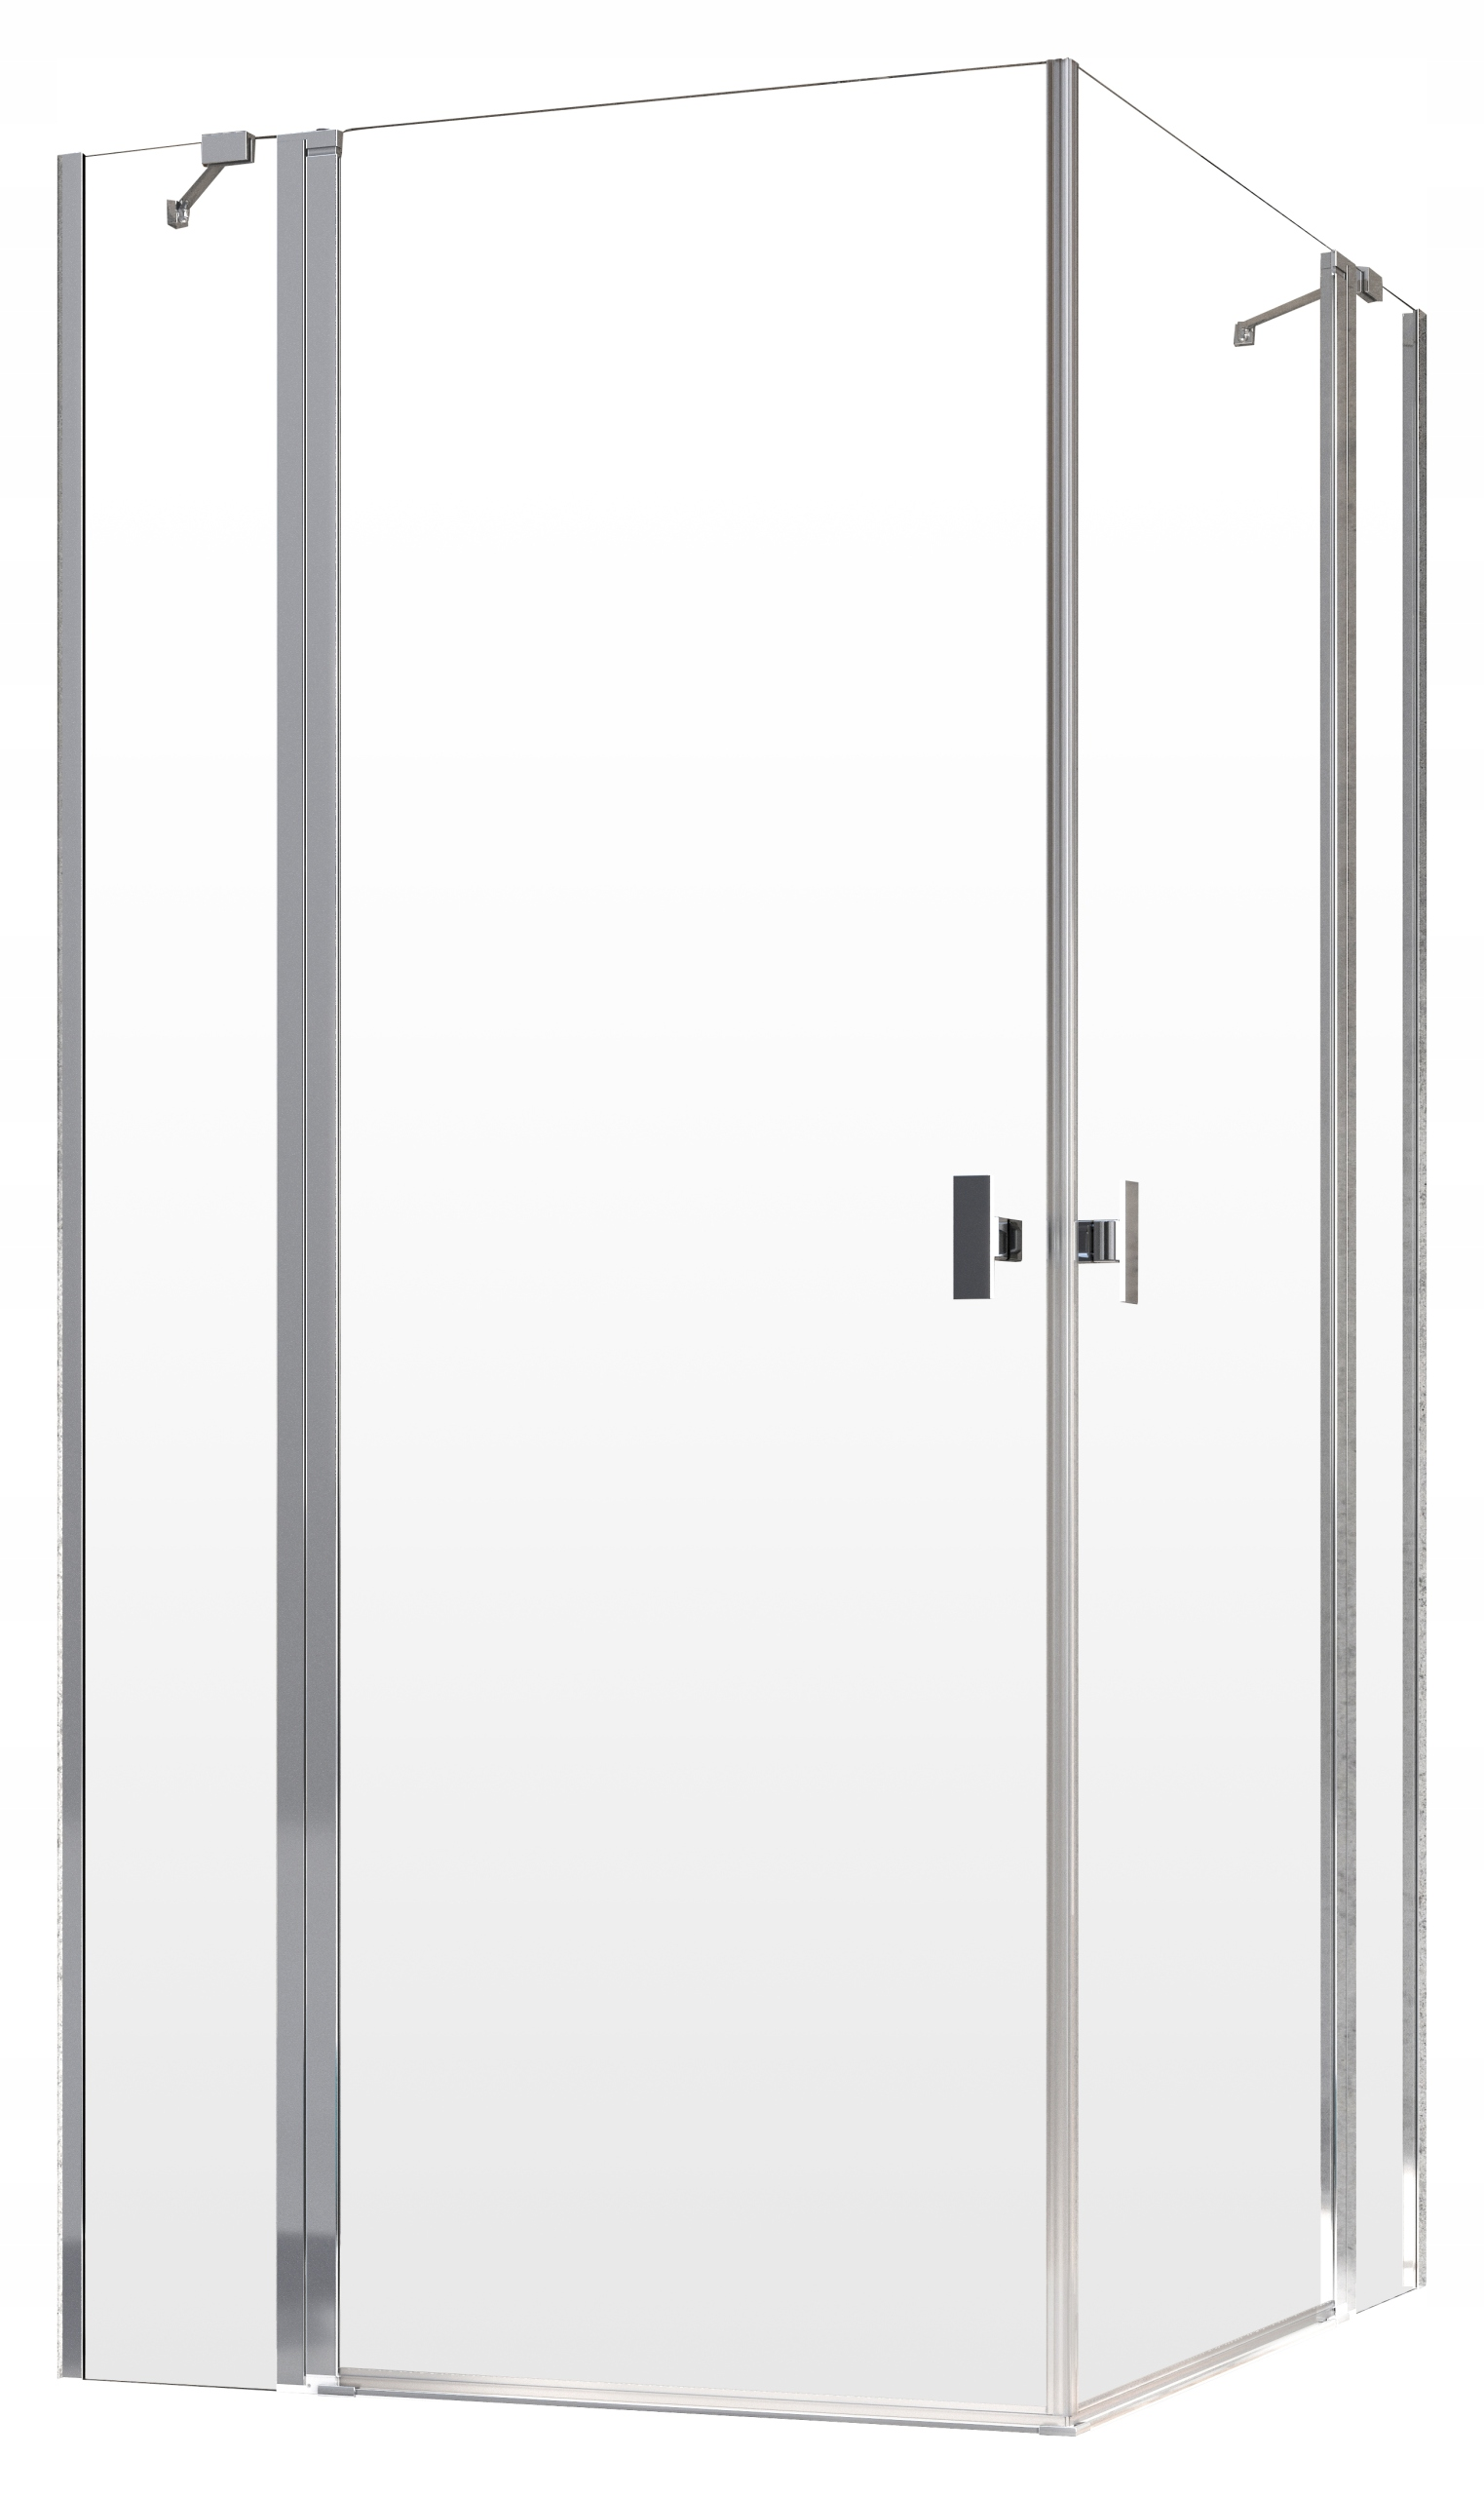 Sprcha Nes KDD II 100x80x200 RADAWAY